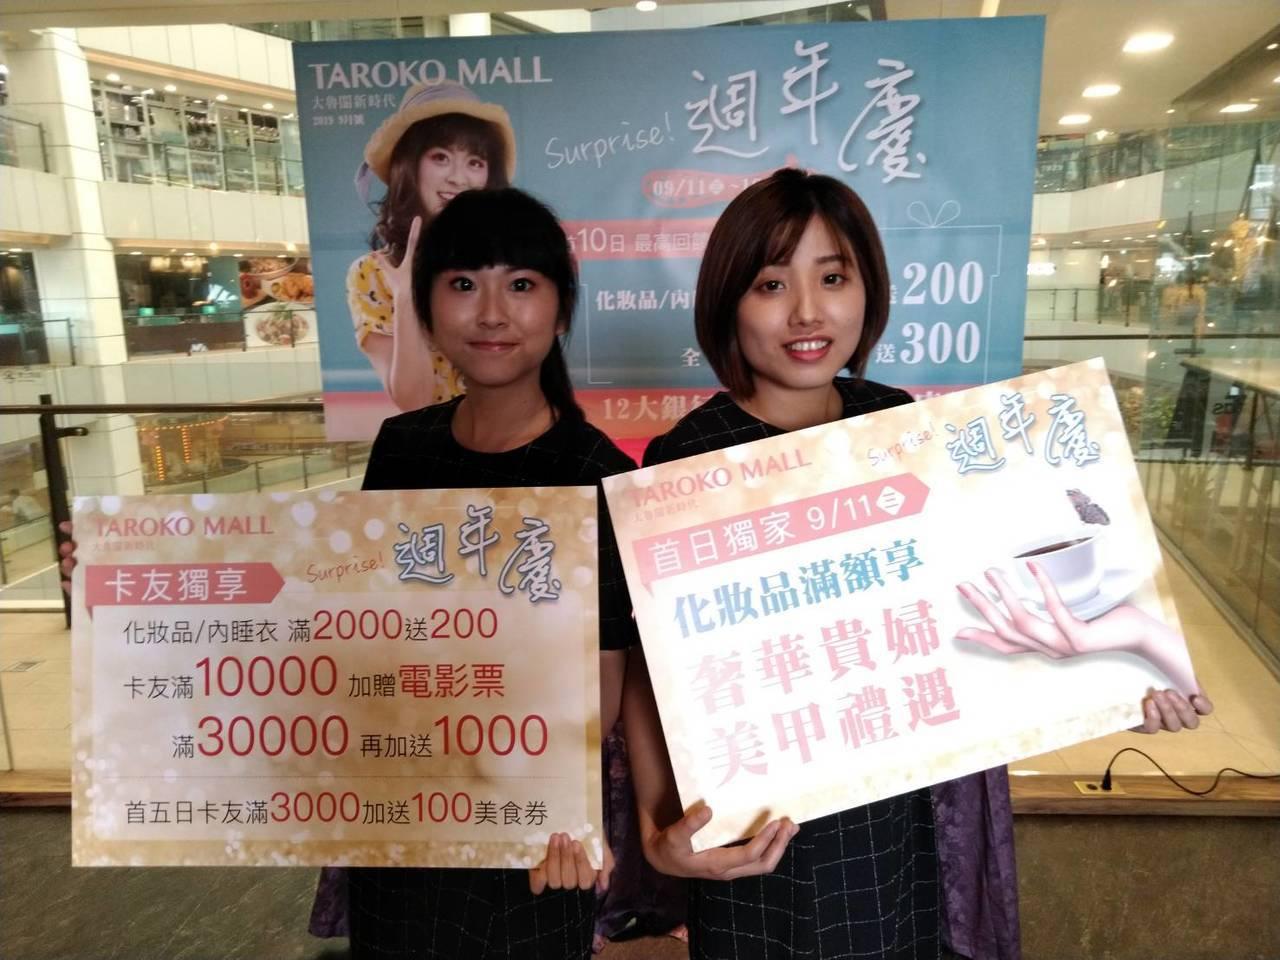 大魯閣新時代購物中心11日起到下個月6日周年慶,推出多項好康。記者黃寅/攝影